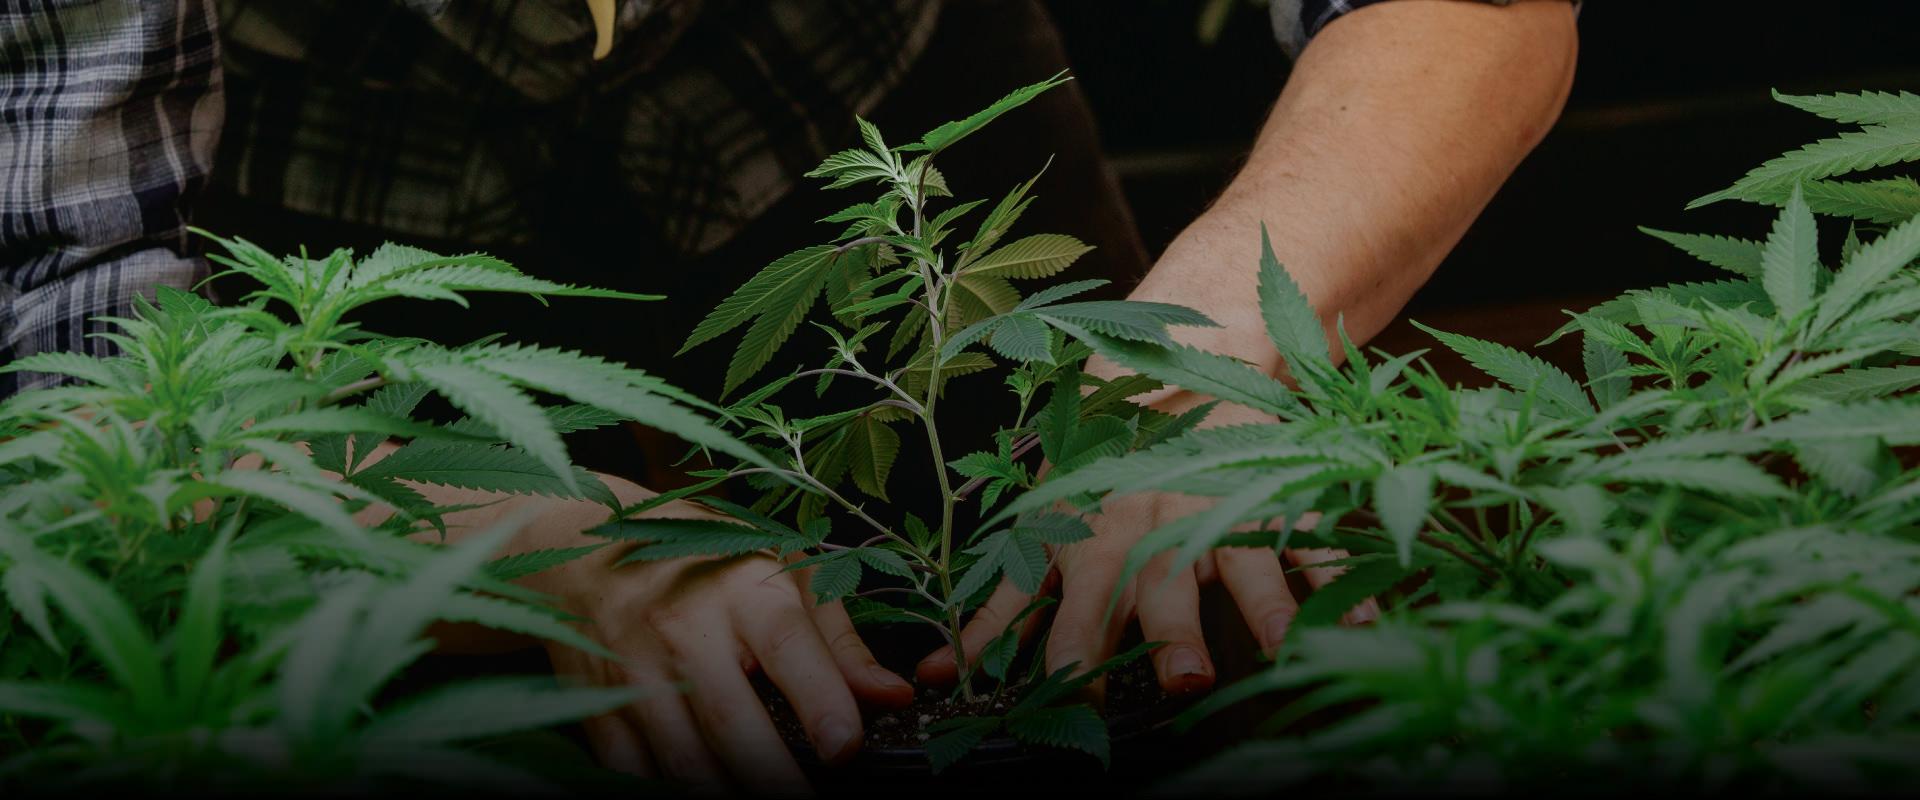 La poda en el cannabis y los factores que debes tener en cuenta